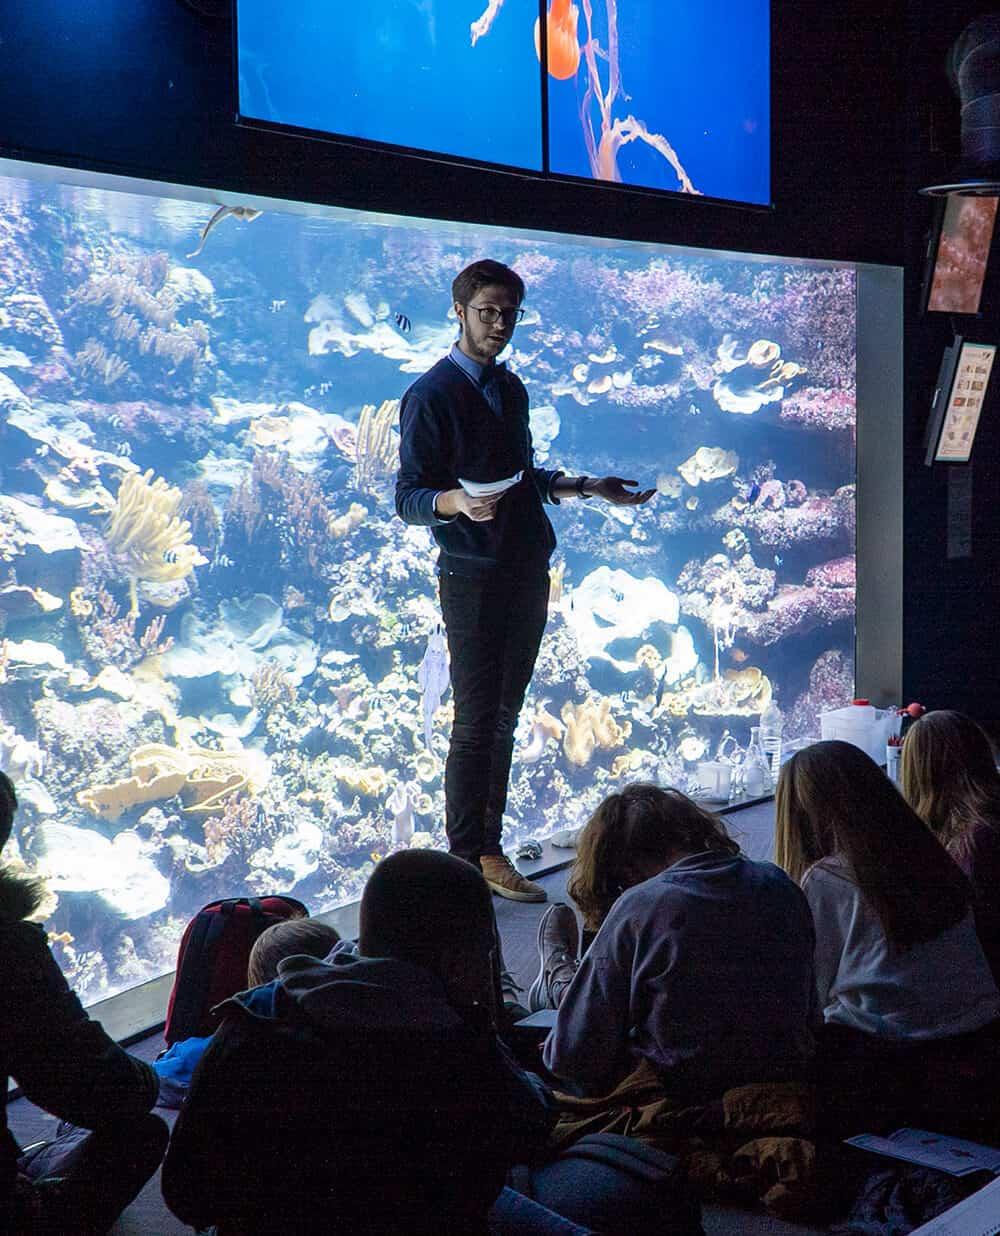 Missions pédagogiques à l'Aquarium de Paris - Sortie insolite en famille